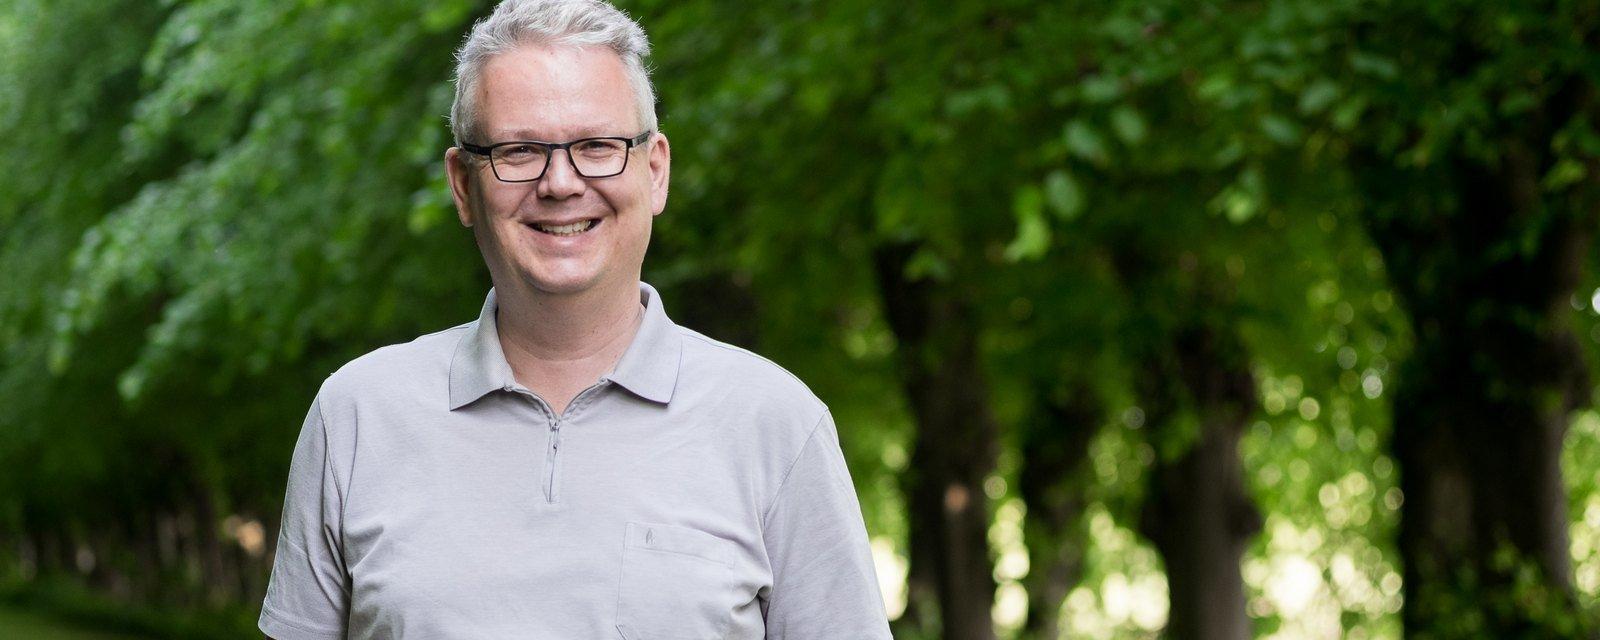 Carsten Plückhahn ist kein Arschloch